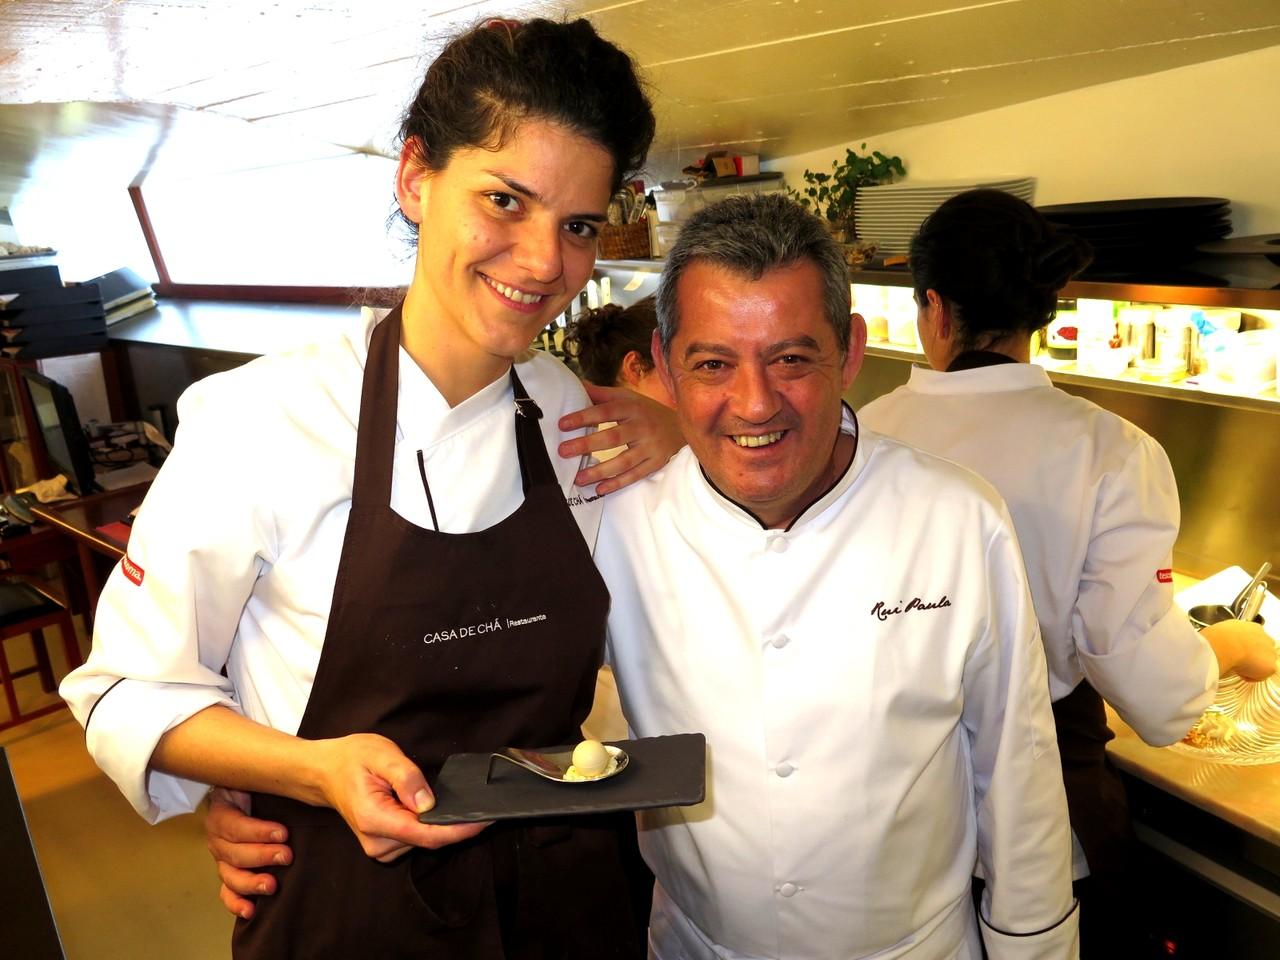 Rita Neto e Rui Paula